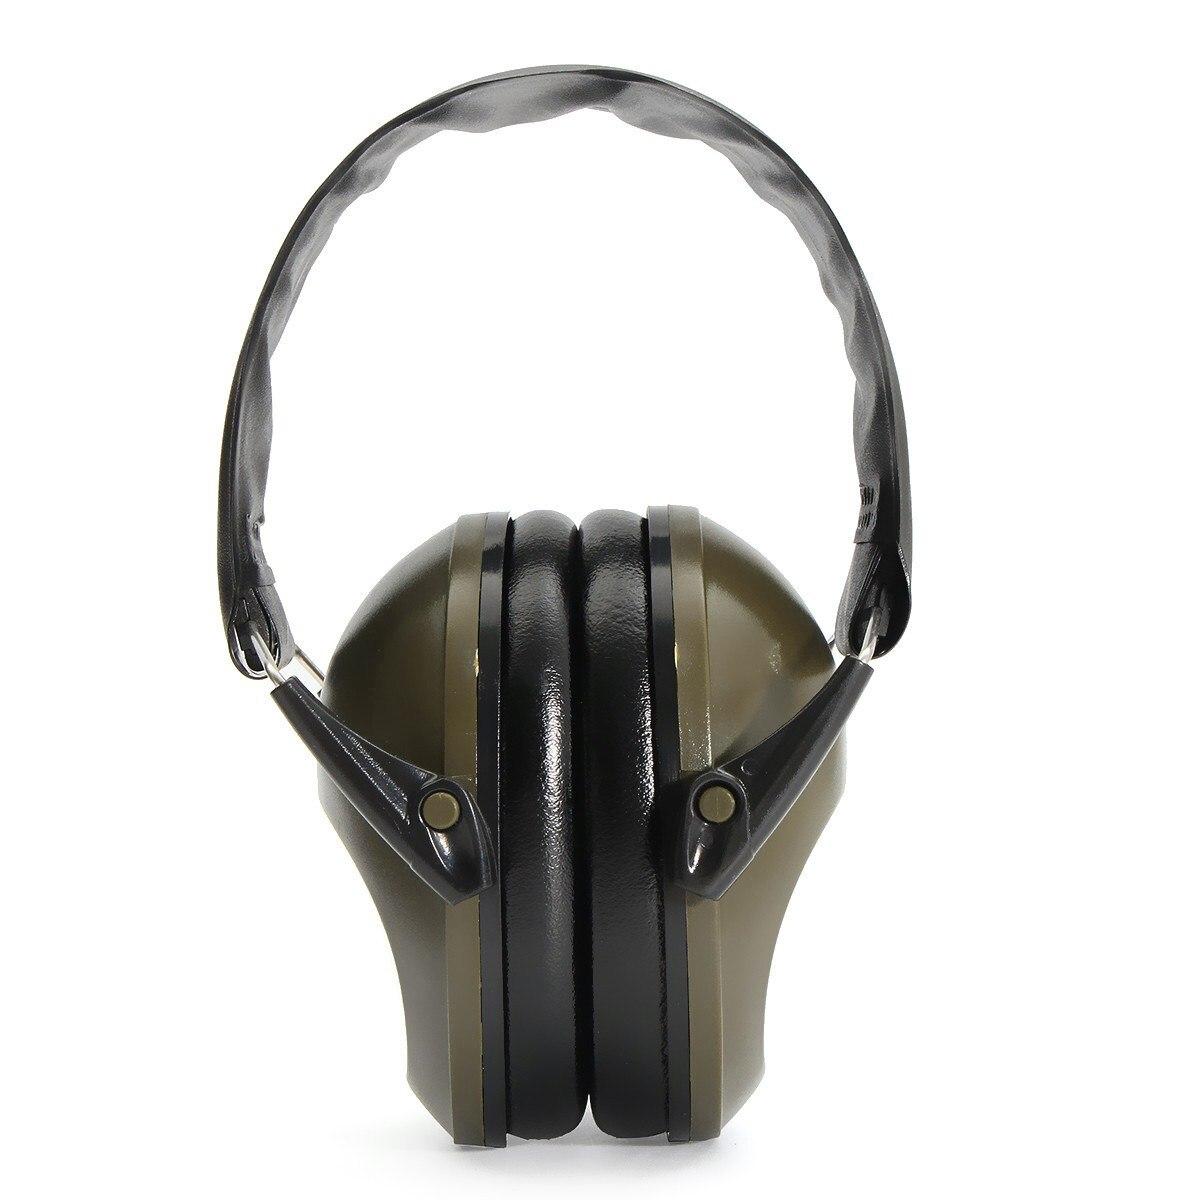 NEUE Safurance anti-lärm Gehörschutz Gehörschutz Schalldichte Schießen Ohrenschützer Kopfhörer Noise Redution Arbeitssicherheit